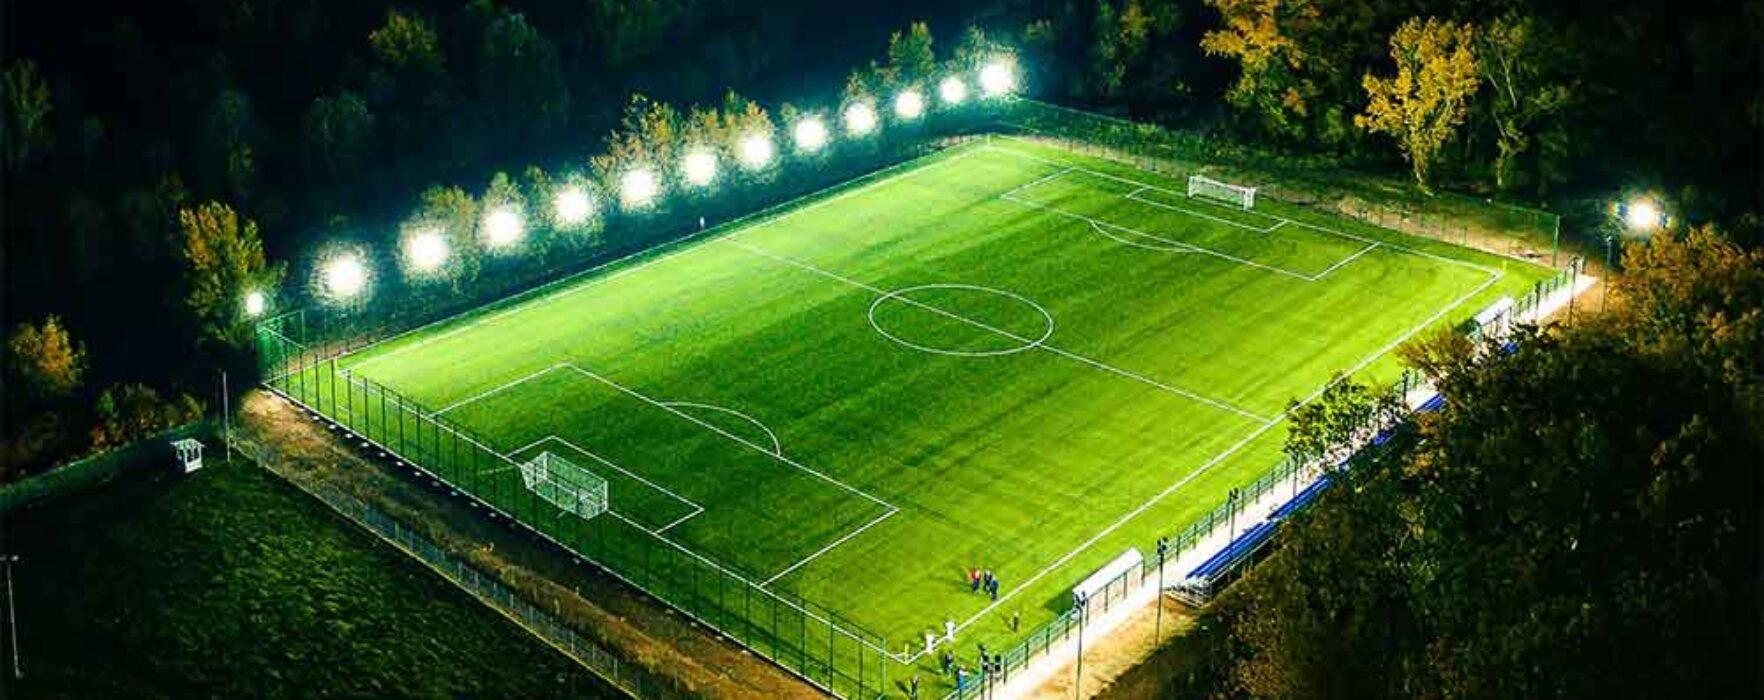 Târgovişte: Teren de fotbal cu gazon sintetic în vecinătatea Complexului de Nataţie